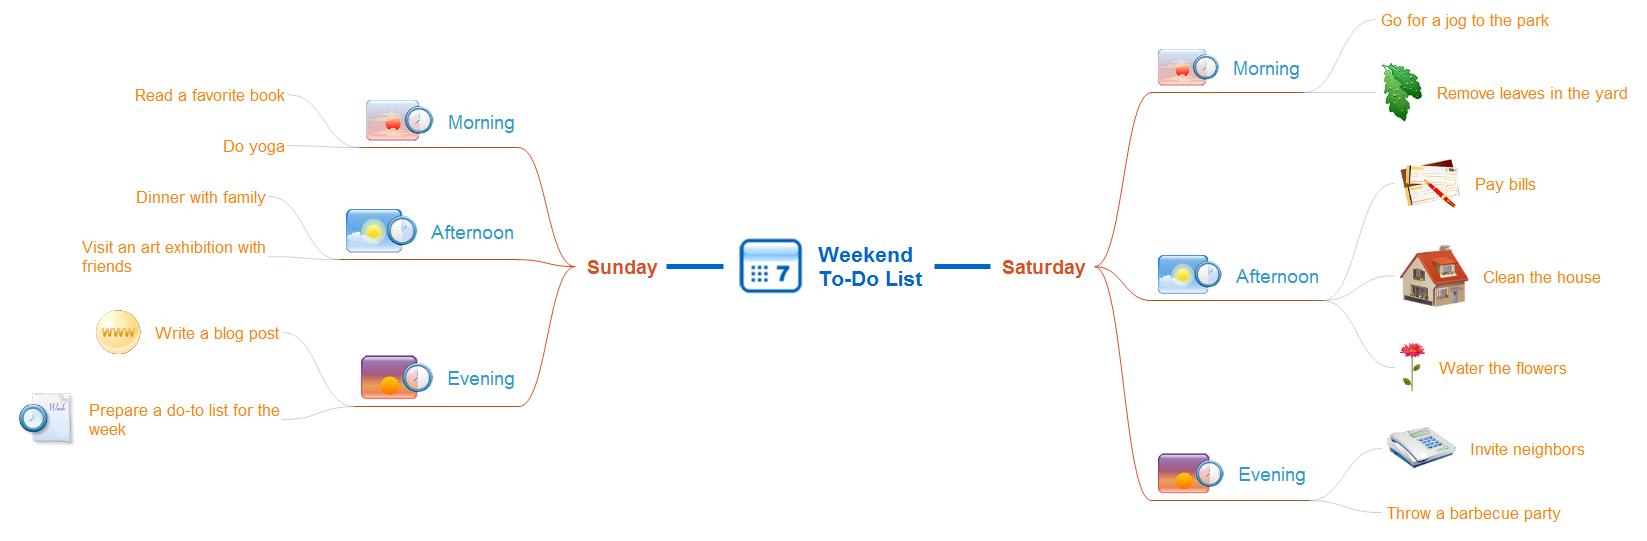 Weekend to-do list mindmap